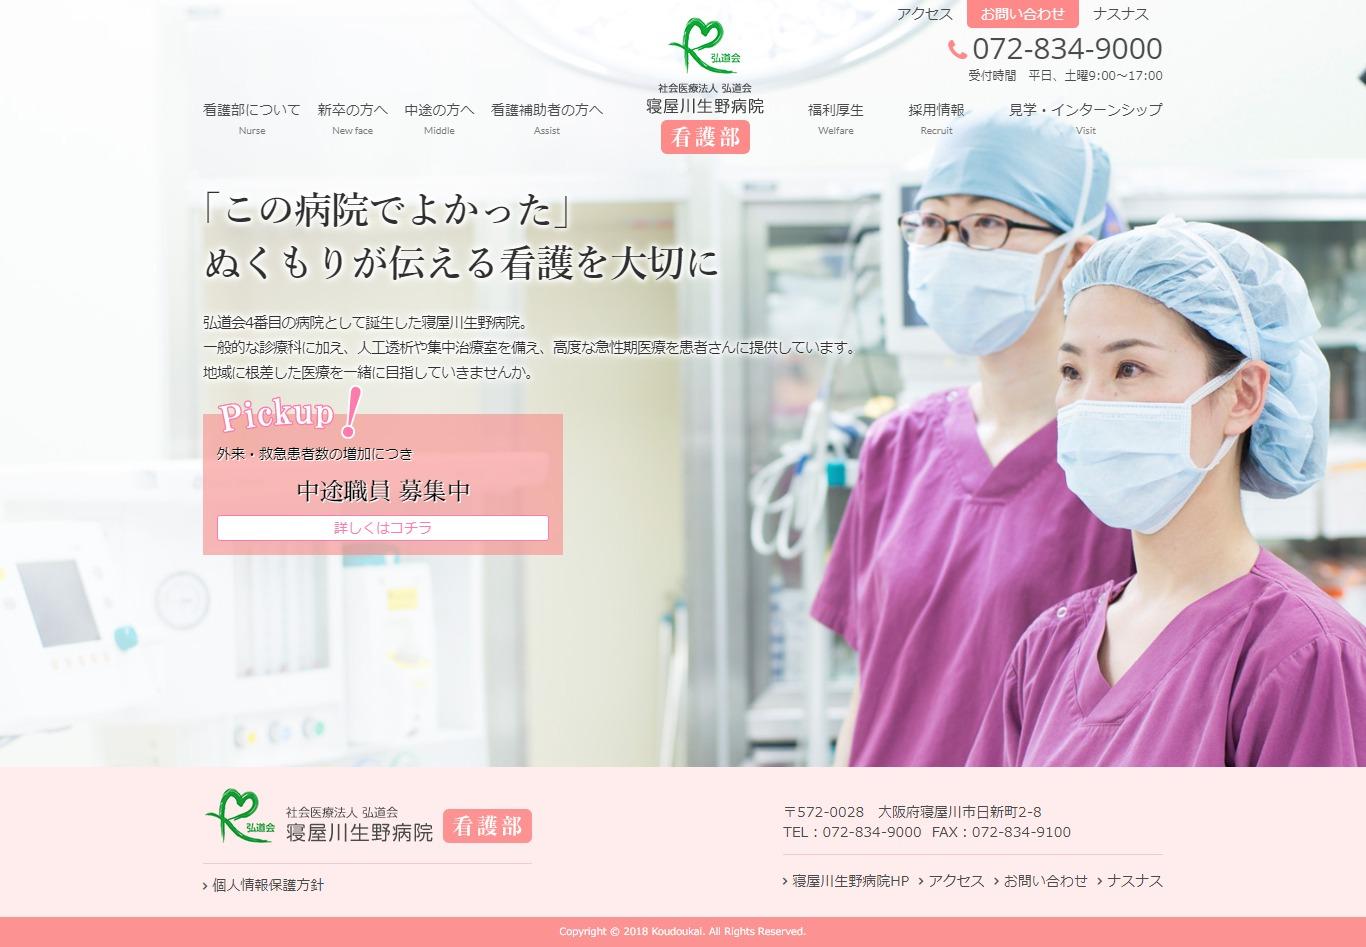 2018年7月作成「寝屋川生野病院」看護部サイト